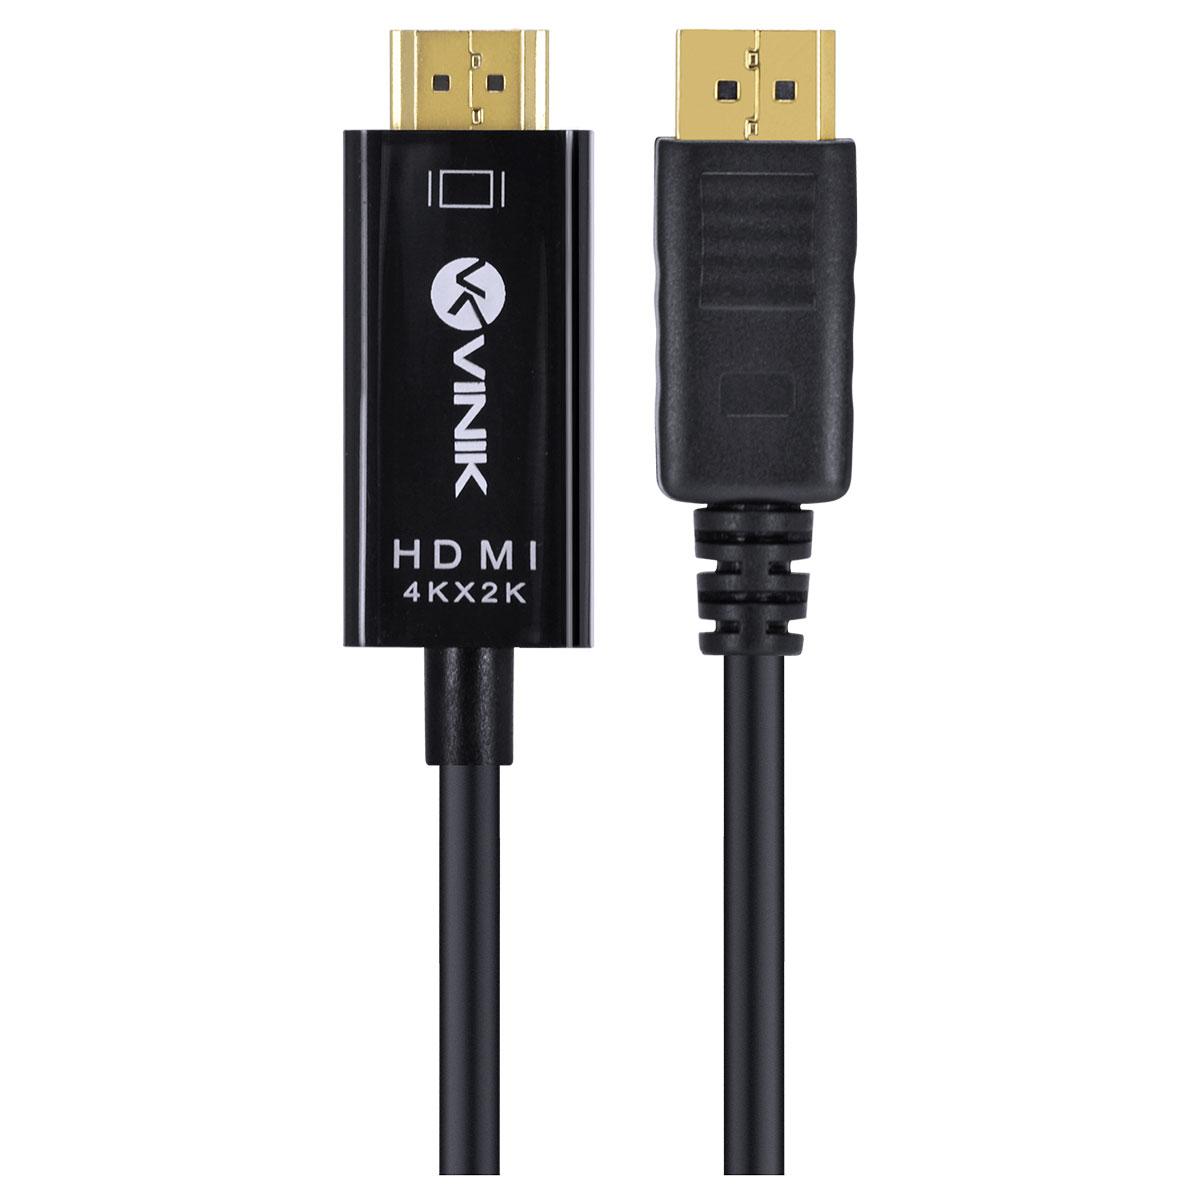 CABO DISPLAYPORT 1.3 PARA HDMI 2.0 4K 30HZ ULTRA HD 2 METROS - H20DP13-2